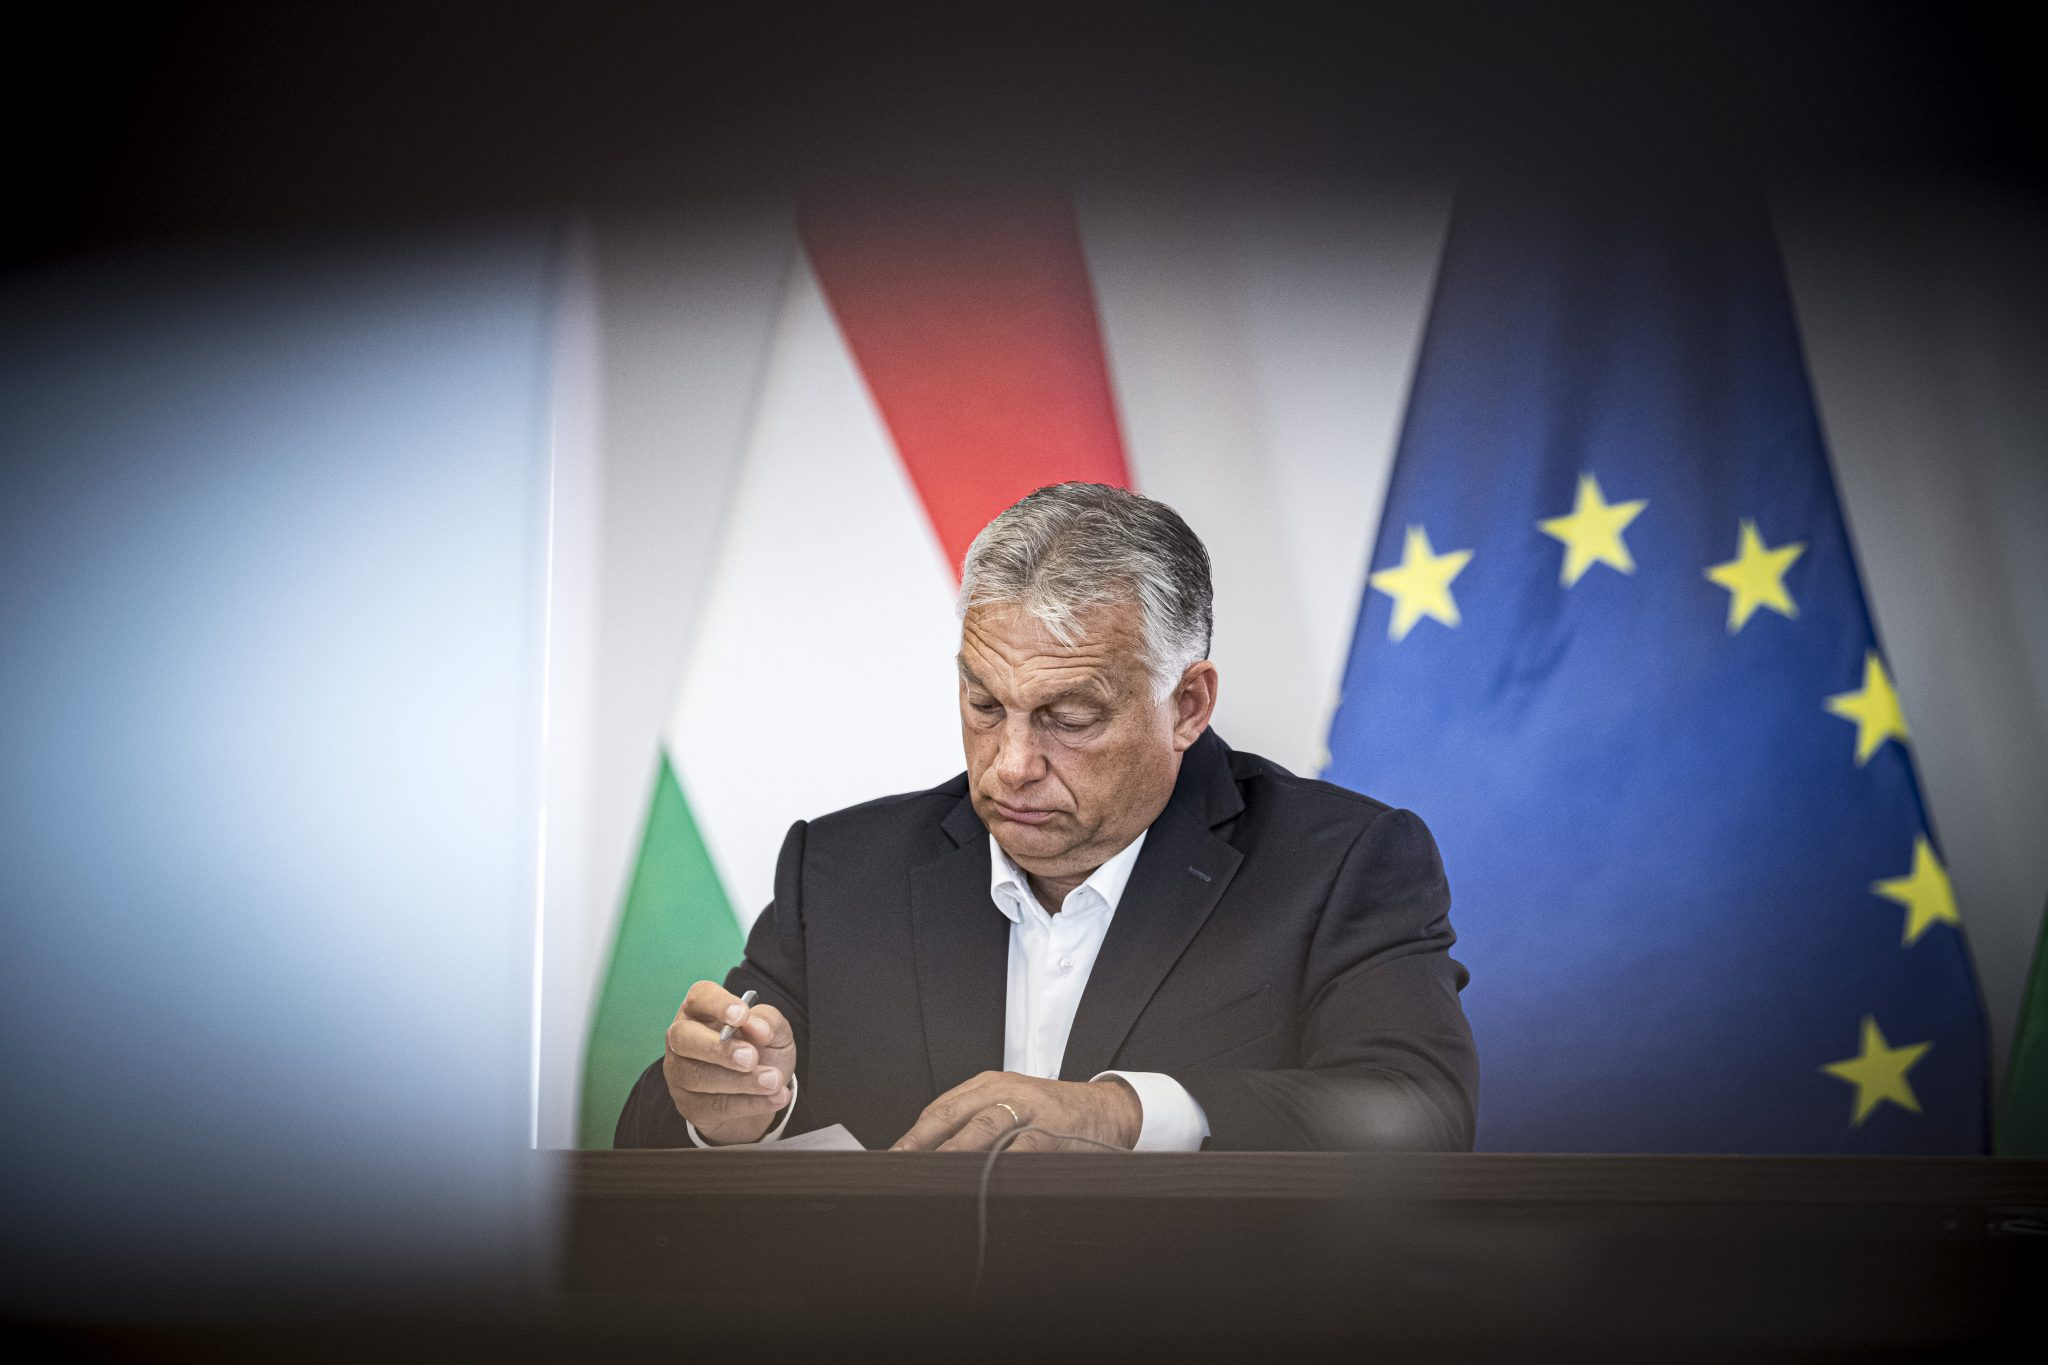 Wahlen in der Ukraine: Orbán gratuliert der ungarischen Partei, Kiew verbietet Einreise ungarischer Amtsträger post's picture